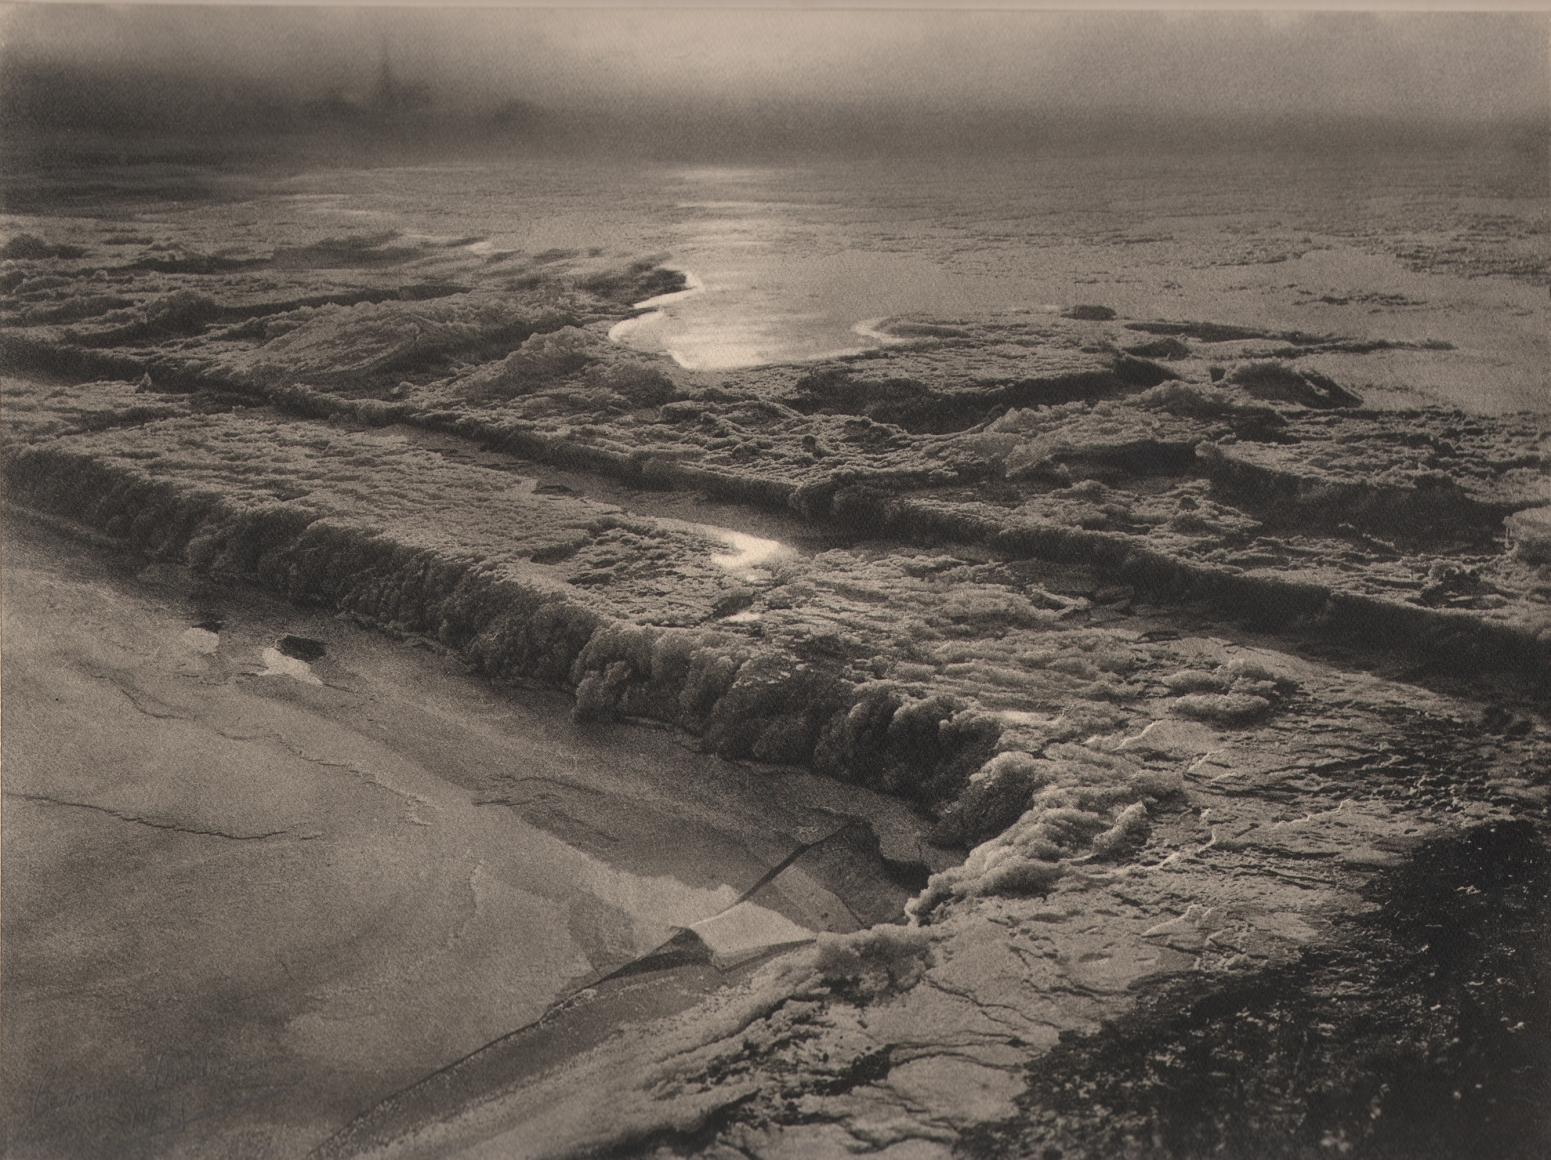 11. Léonard Misonne, Le barrage gelè, c. 1935. Frozen body of water in early morning, hazy light. Sepia-toned print.